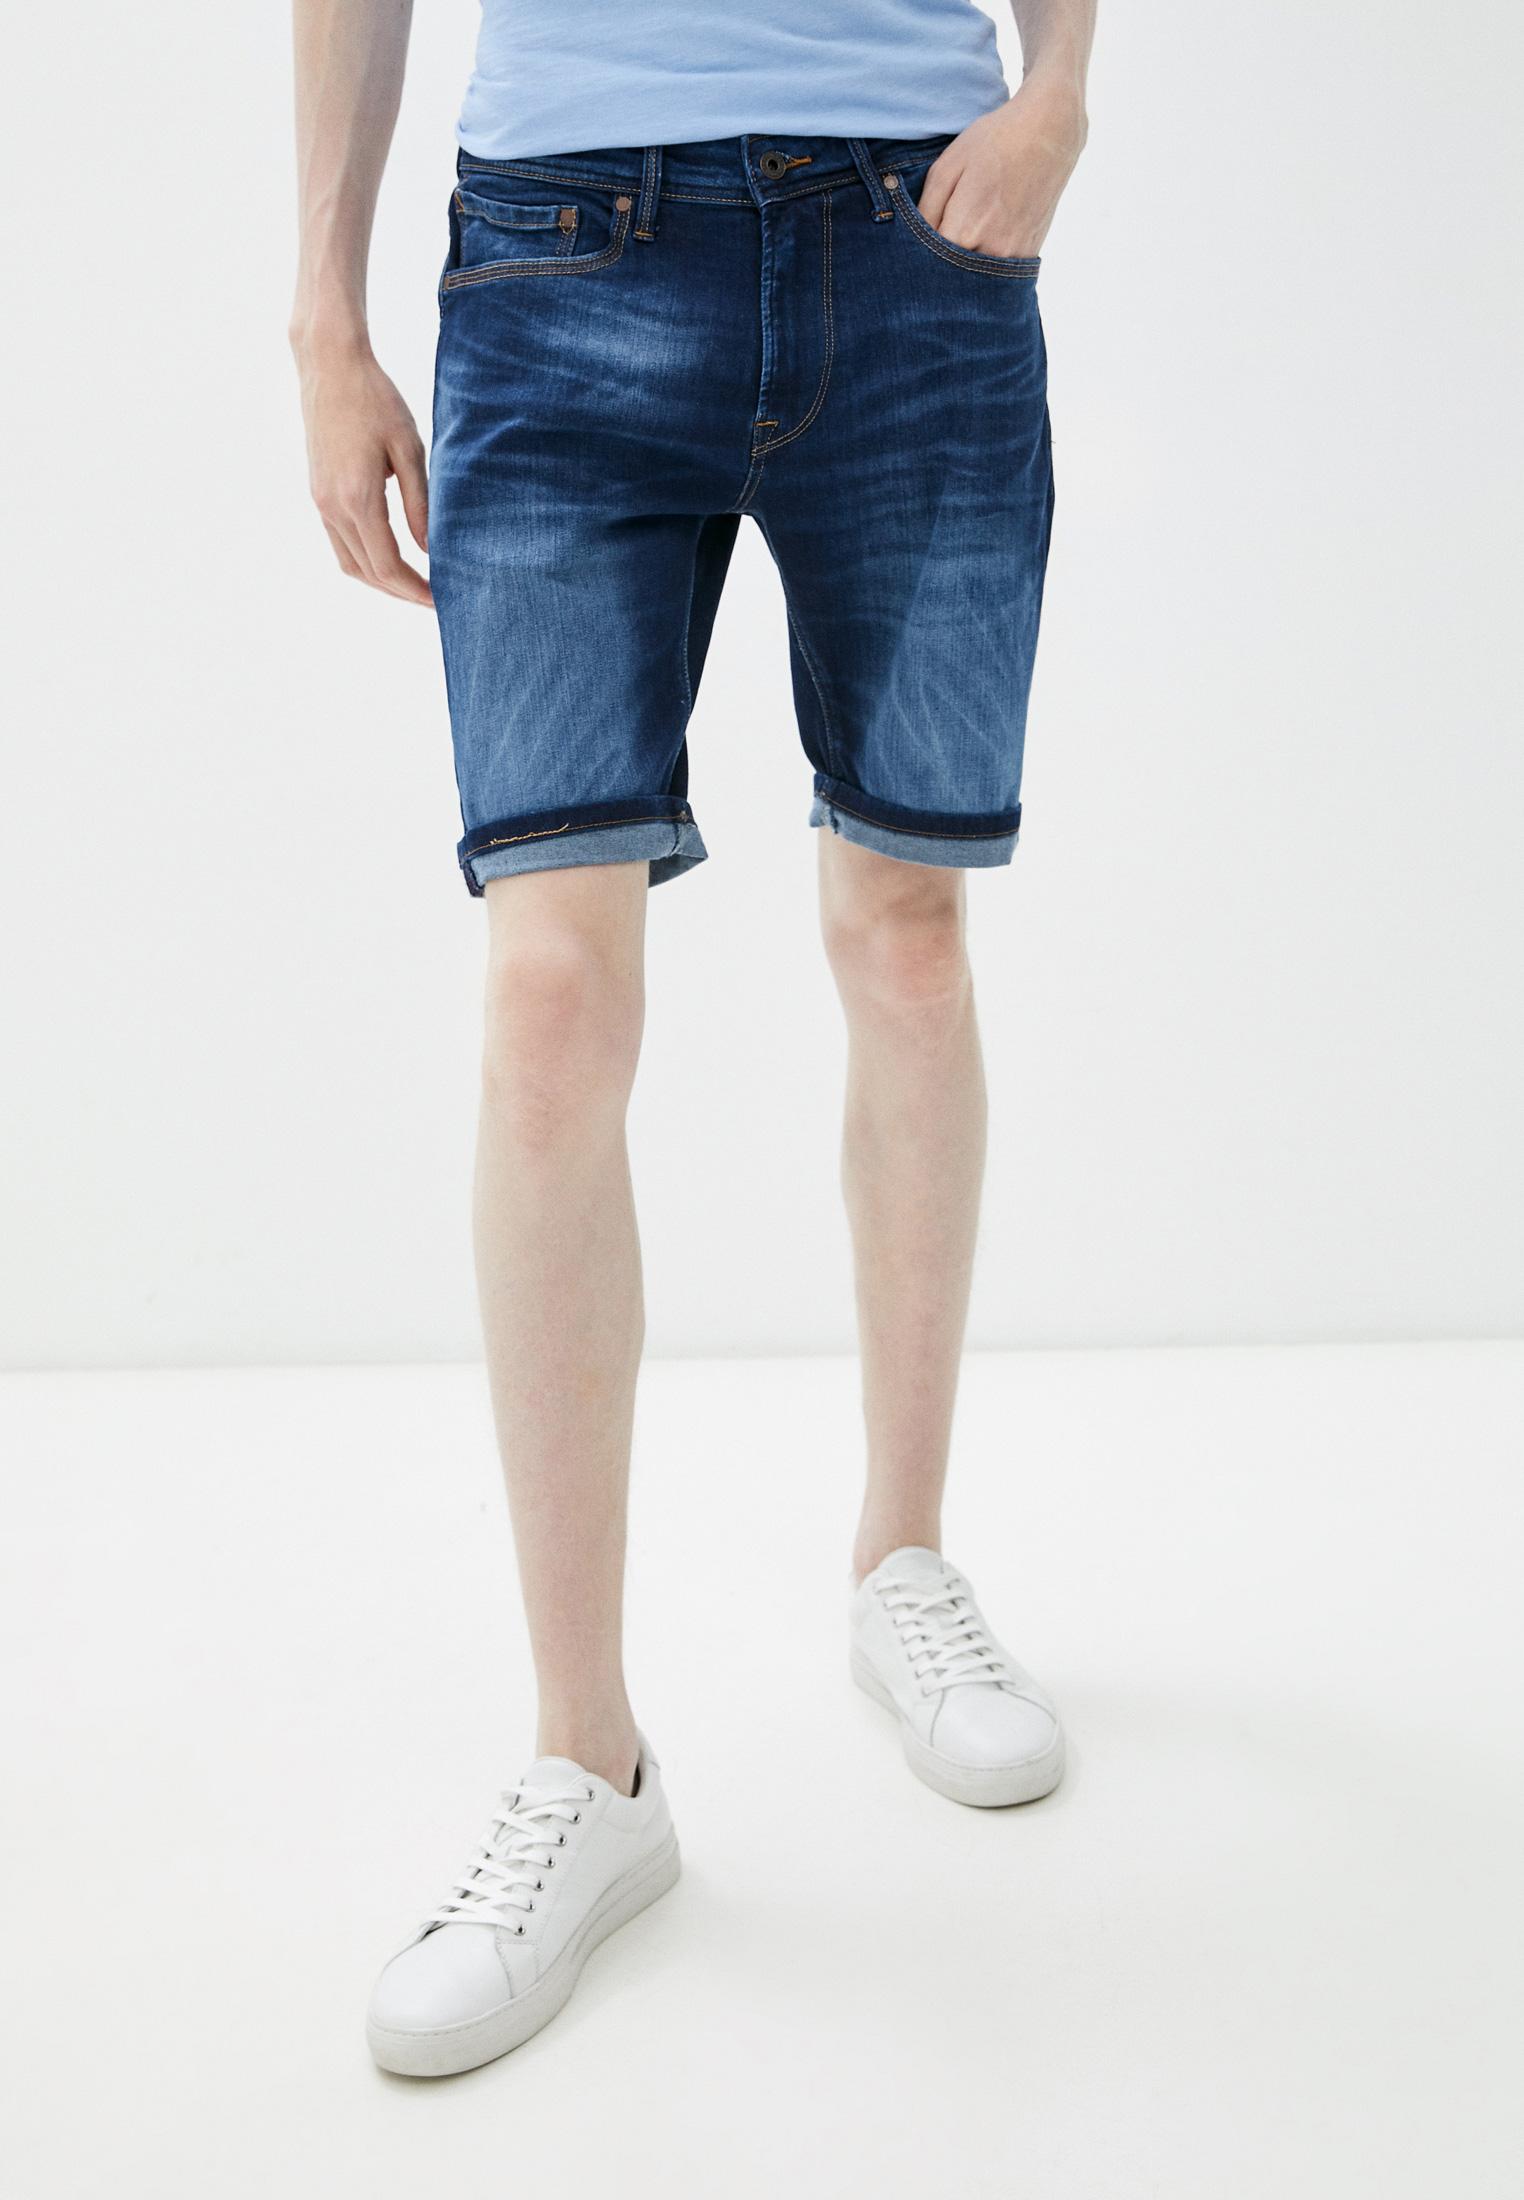 Мужские джинсовые шорты Pepe Jeans (Пепе Джинс) Шорты джинсовые Pepe Jeans